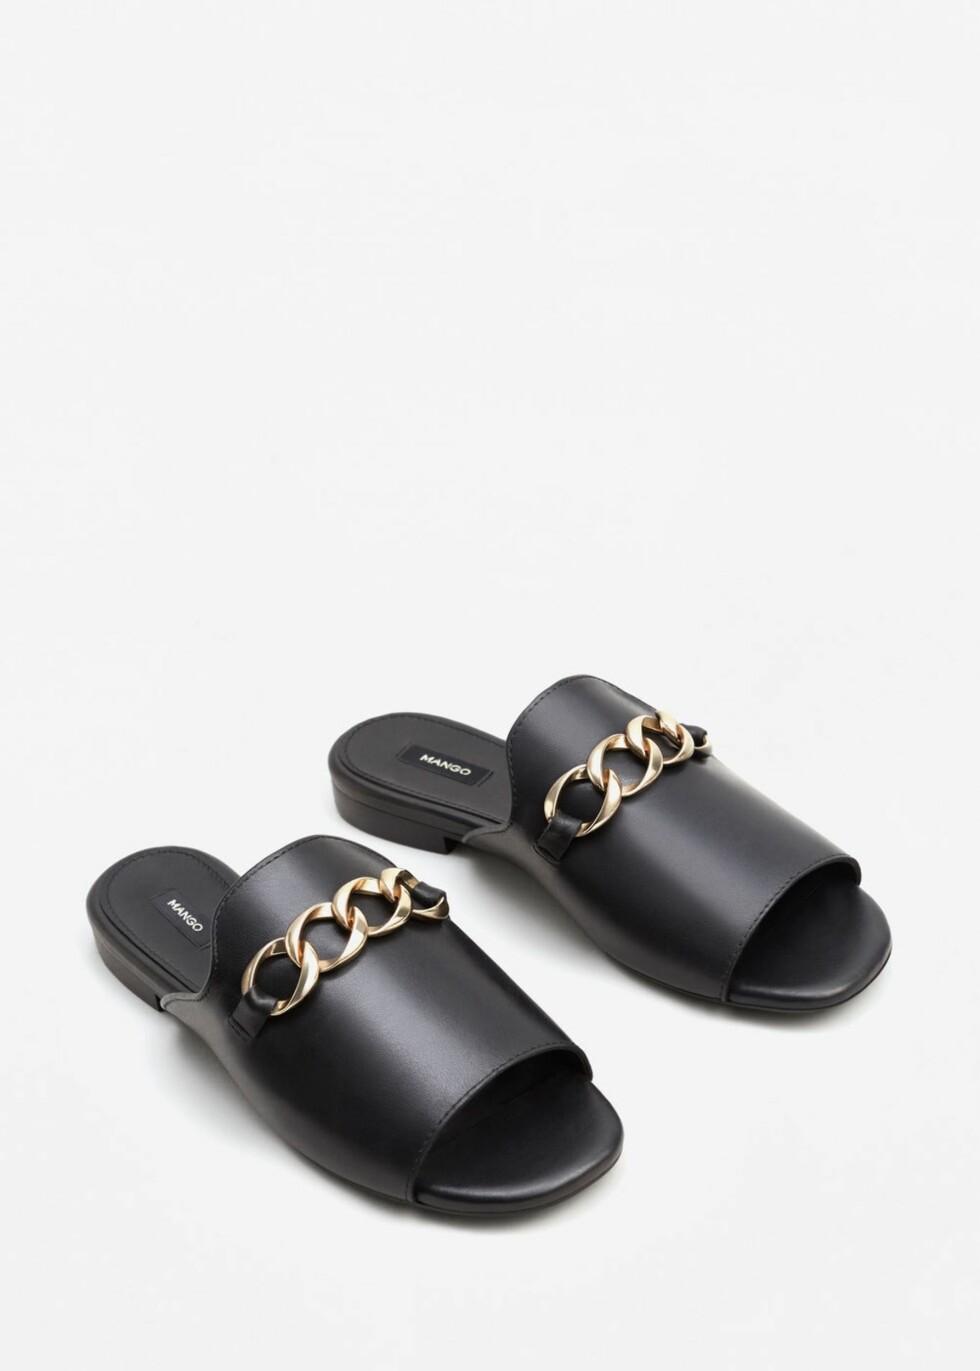 Sandaler fra Mango | kr 499 | http://shop.mango.com/NO/p1/damer/tilbeh%C3%B8r/sko/flate-sandaler/skinnsandaler-med-metallringer?id=83093608_99&n=1&s=accesorios.zapatos&ts=1496053539526